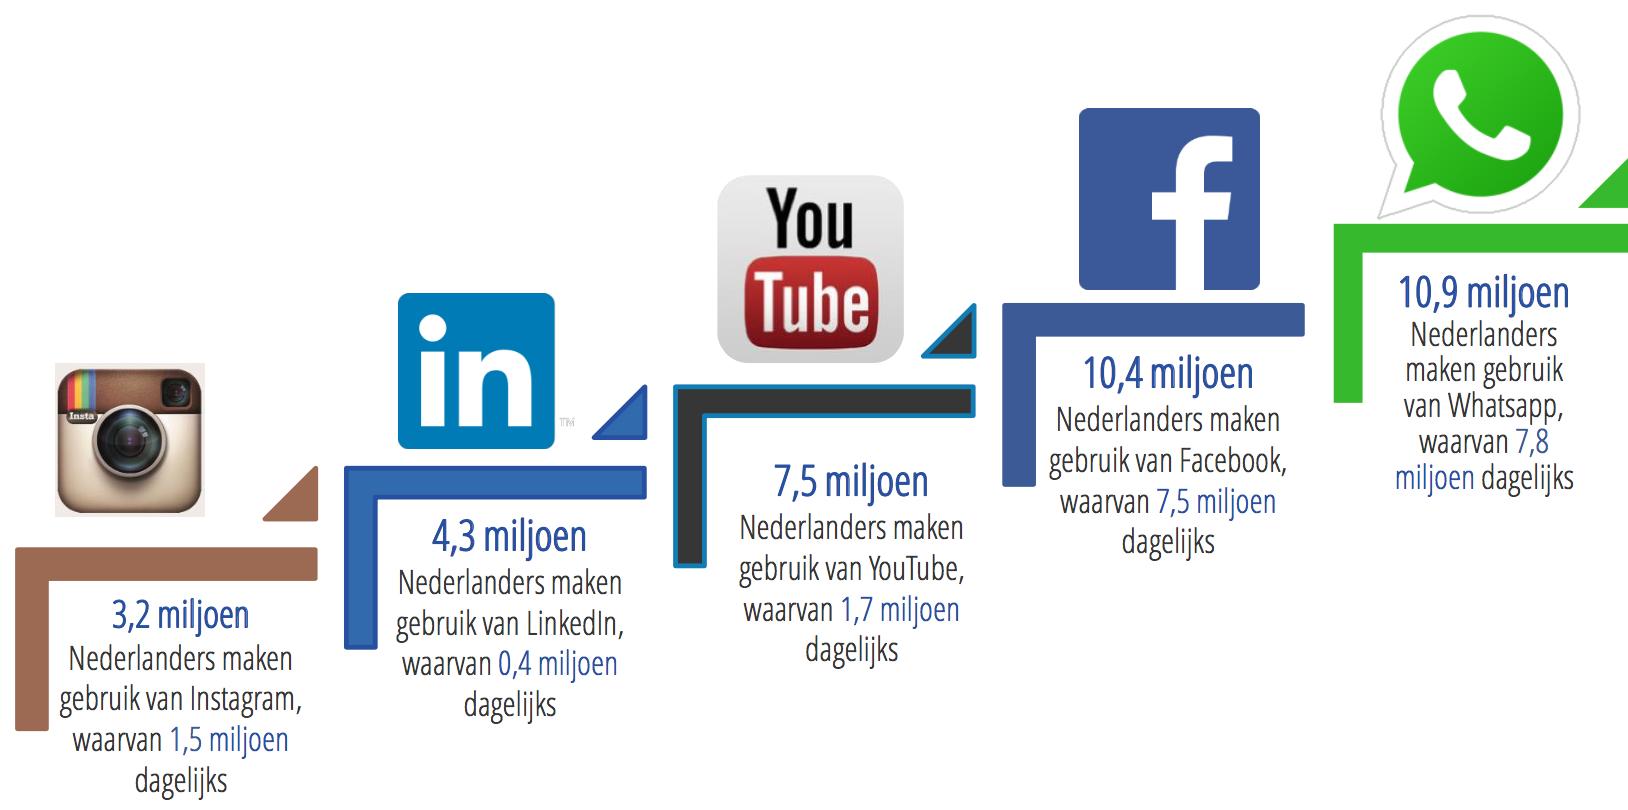 De beste social media platformen voor jouw bedrijf - Kanalen uitgelegd